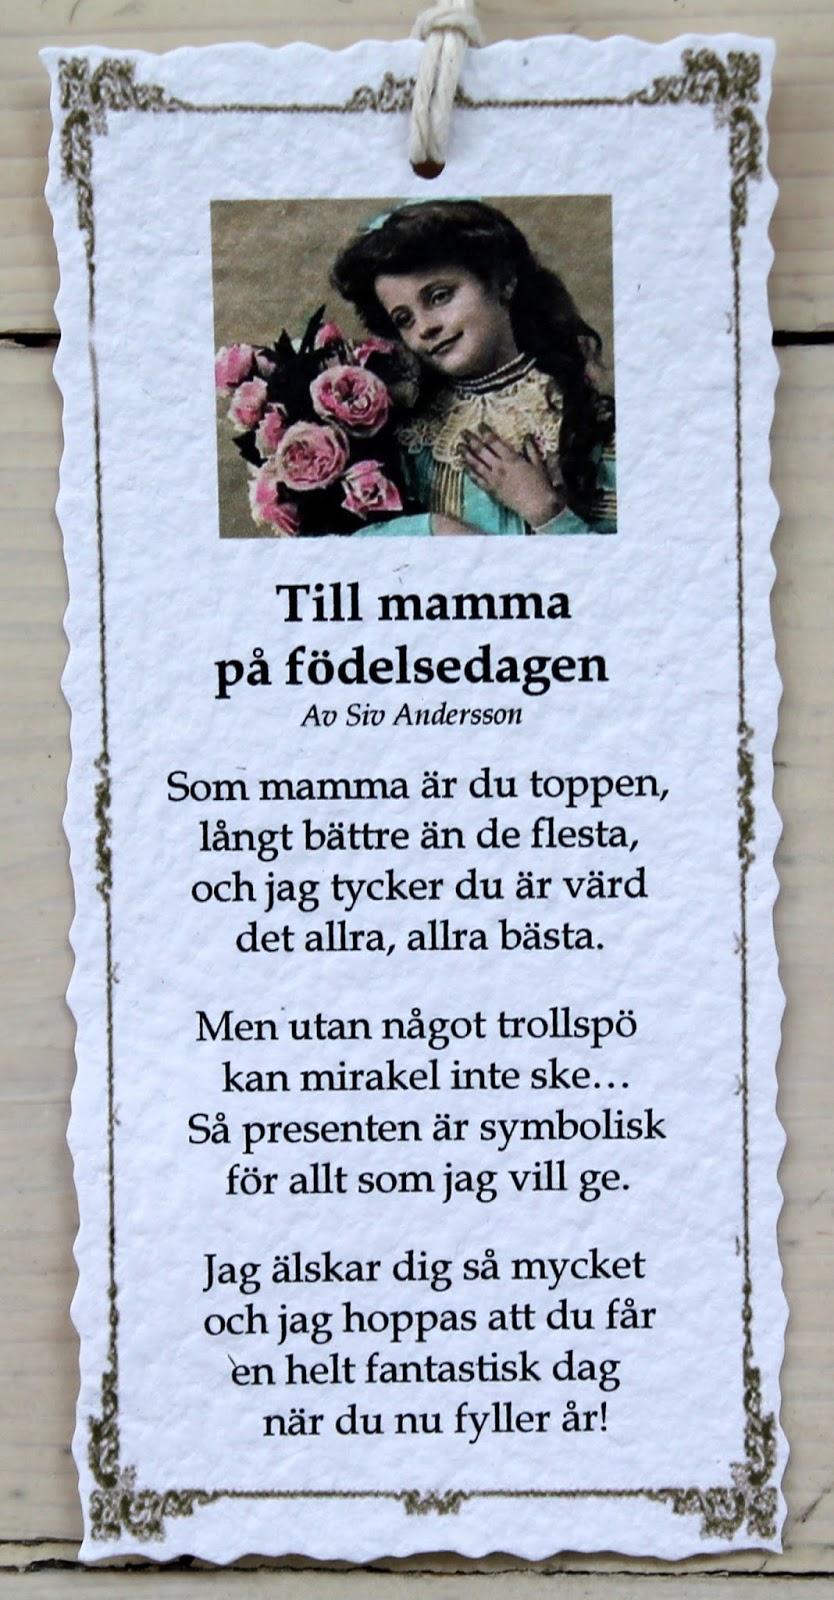 grattis mamma på födelsedagen dikt Annas idéer bloggbutik: september 2015 grattis mamma på födelsedagen dikt